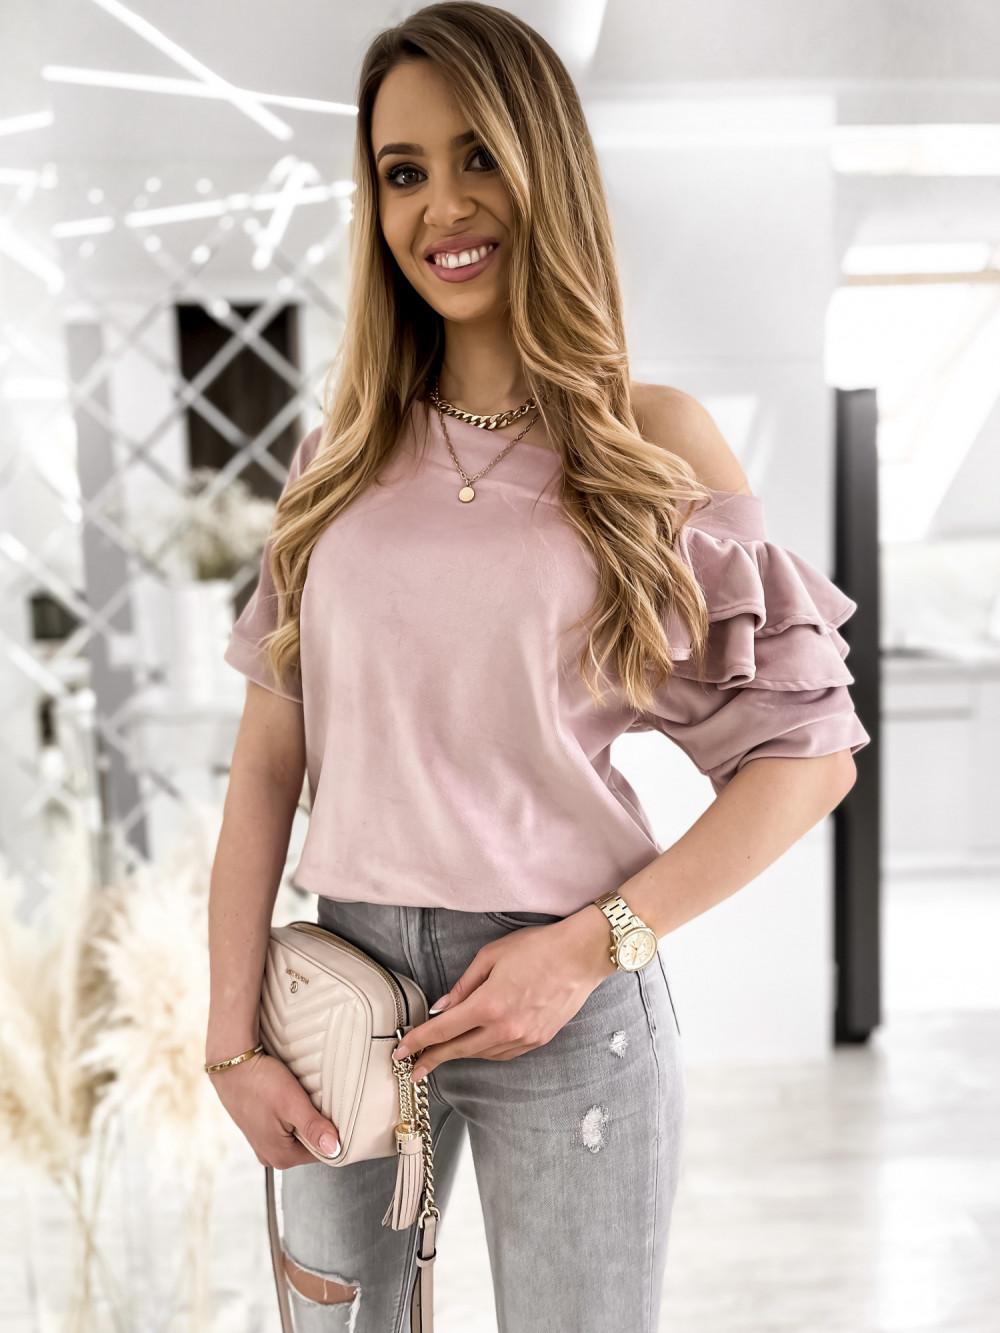 Brudnoróżowa welurowa bluzka z falbankami i krótkim rękawem Wendy 4